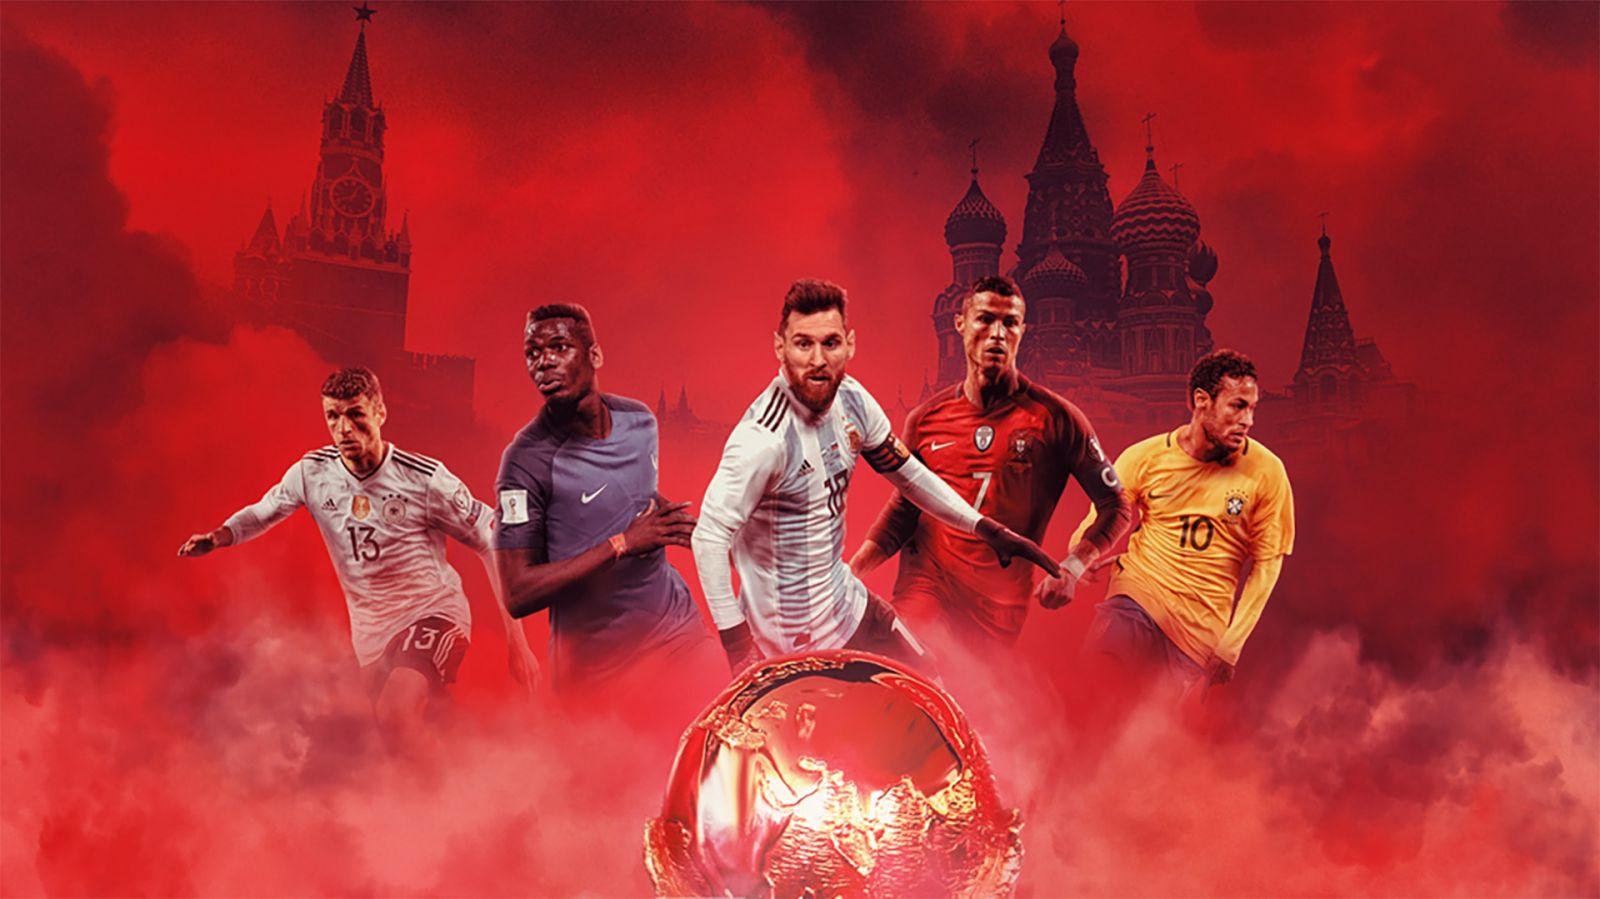 Bạn có biết World Cup mấy năm một lần tổ chức hay không